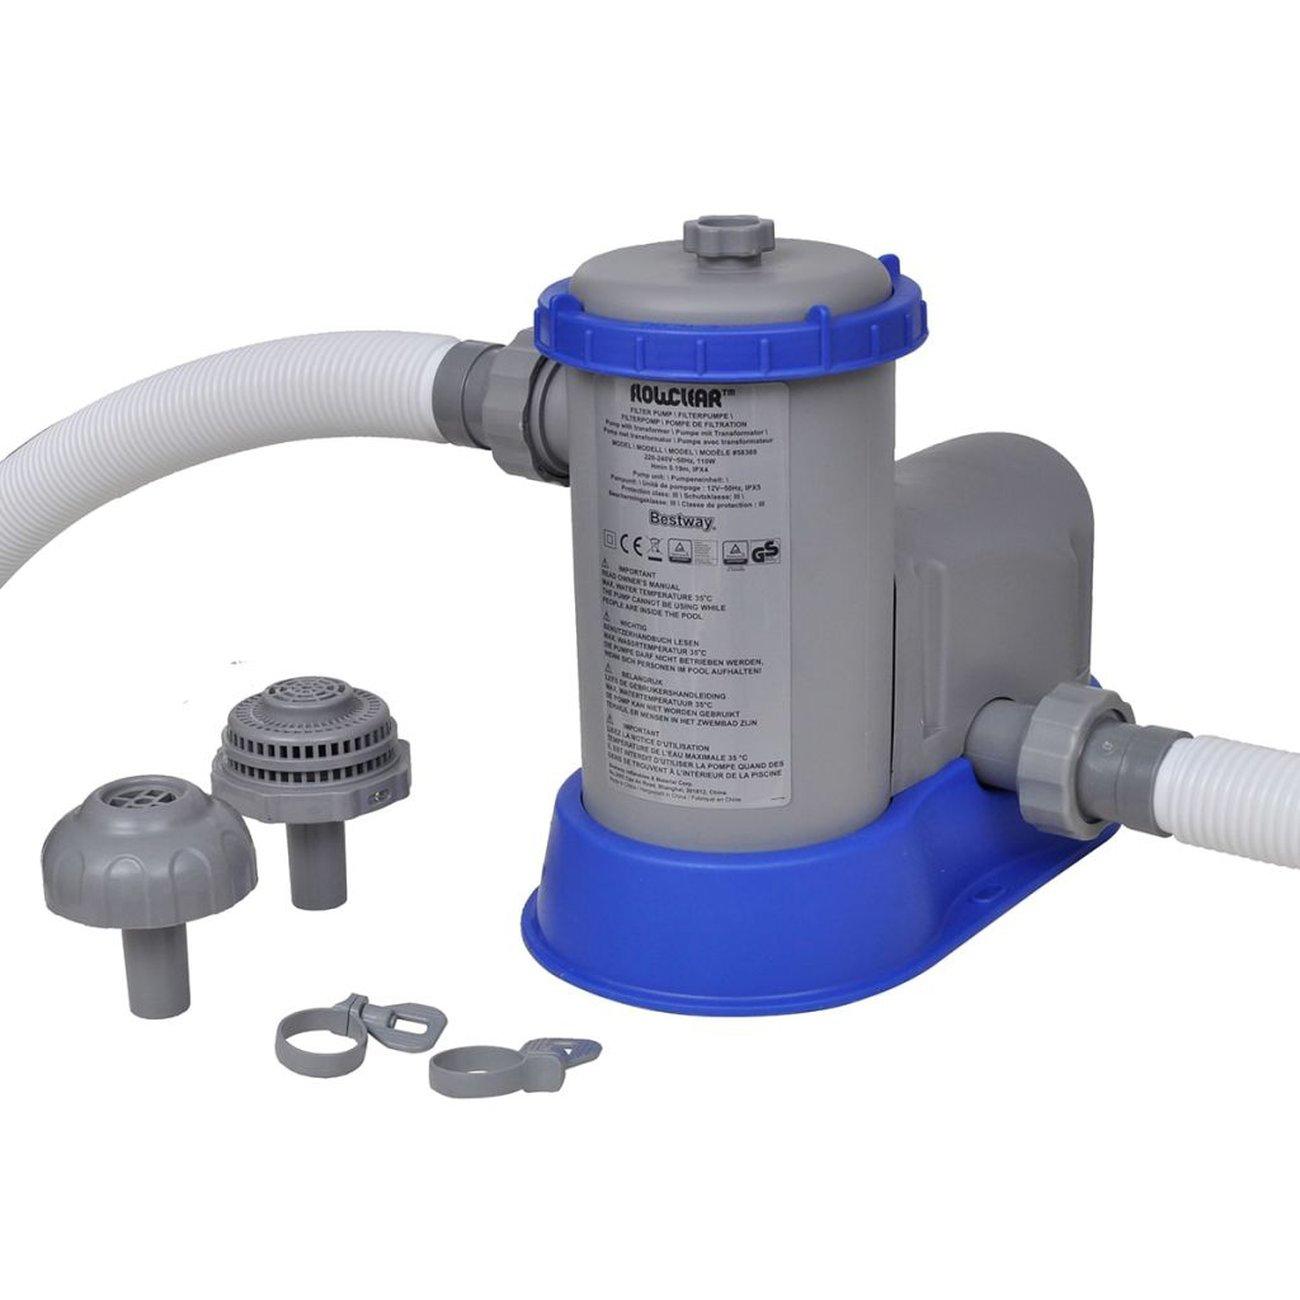 Bestway Bestway Pompe De Filtration Pour Piscine Flowclear 1500 Gal / H  58389 à Pompe Piscine Bestway